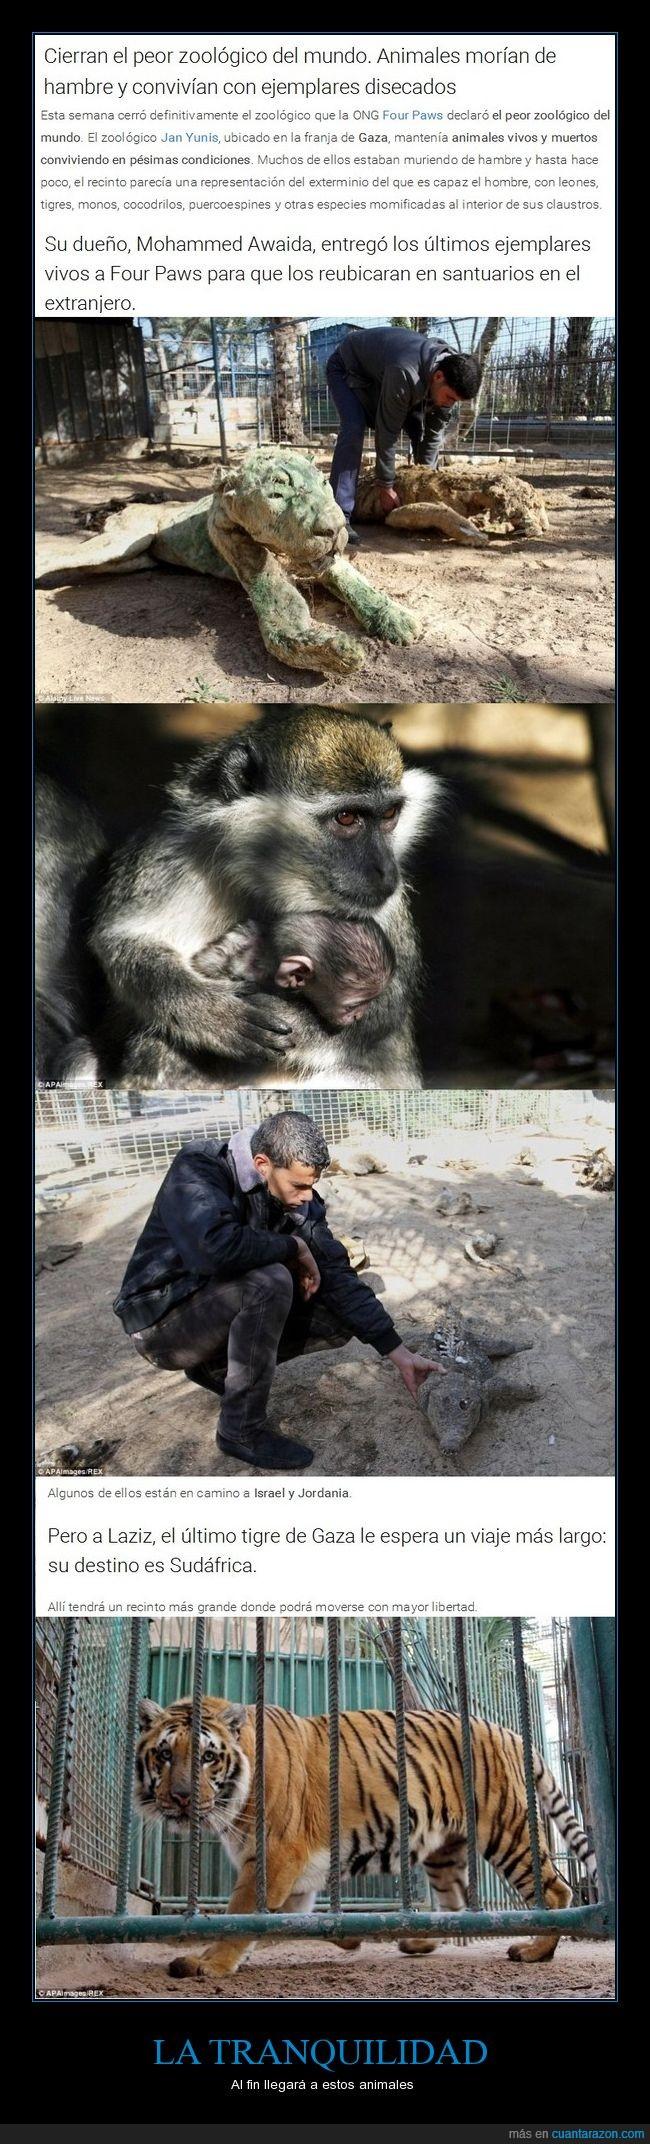 animal,cerrar,crueldad,terrible,zoológico